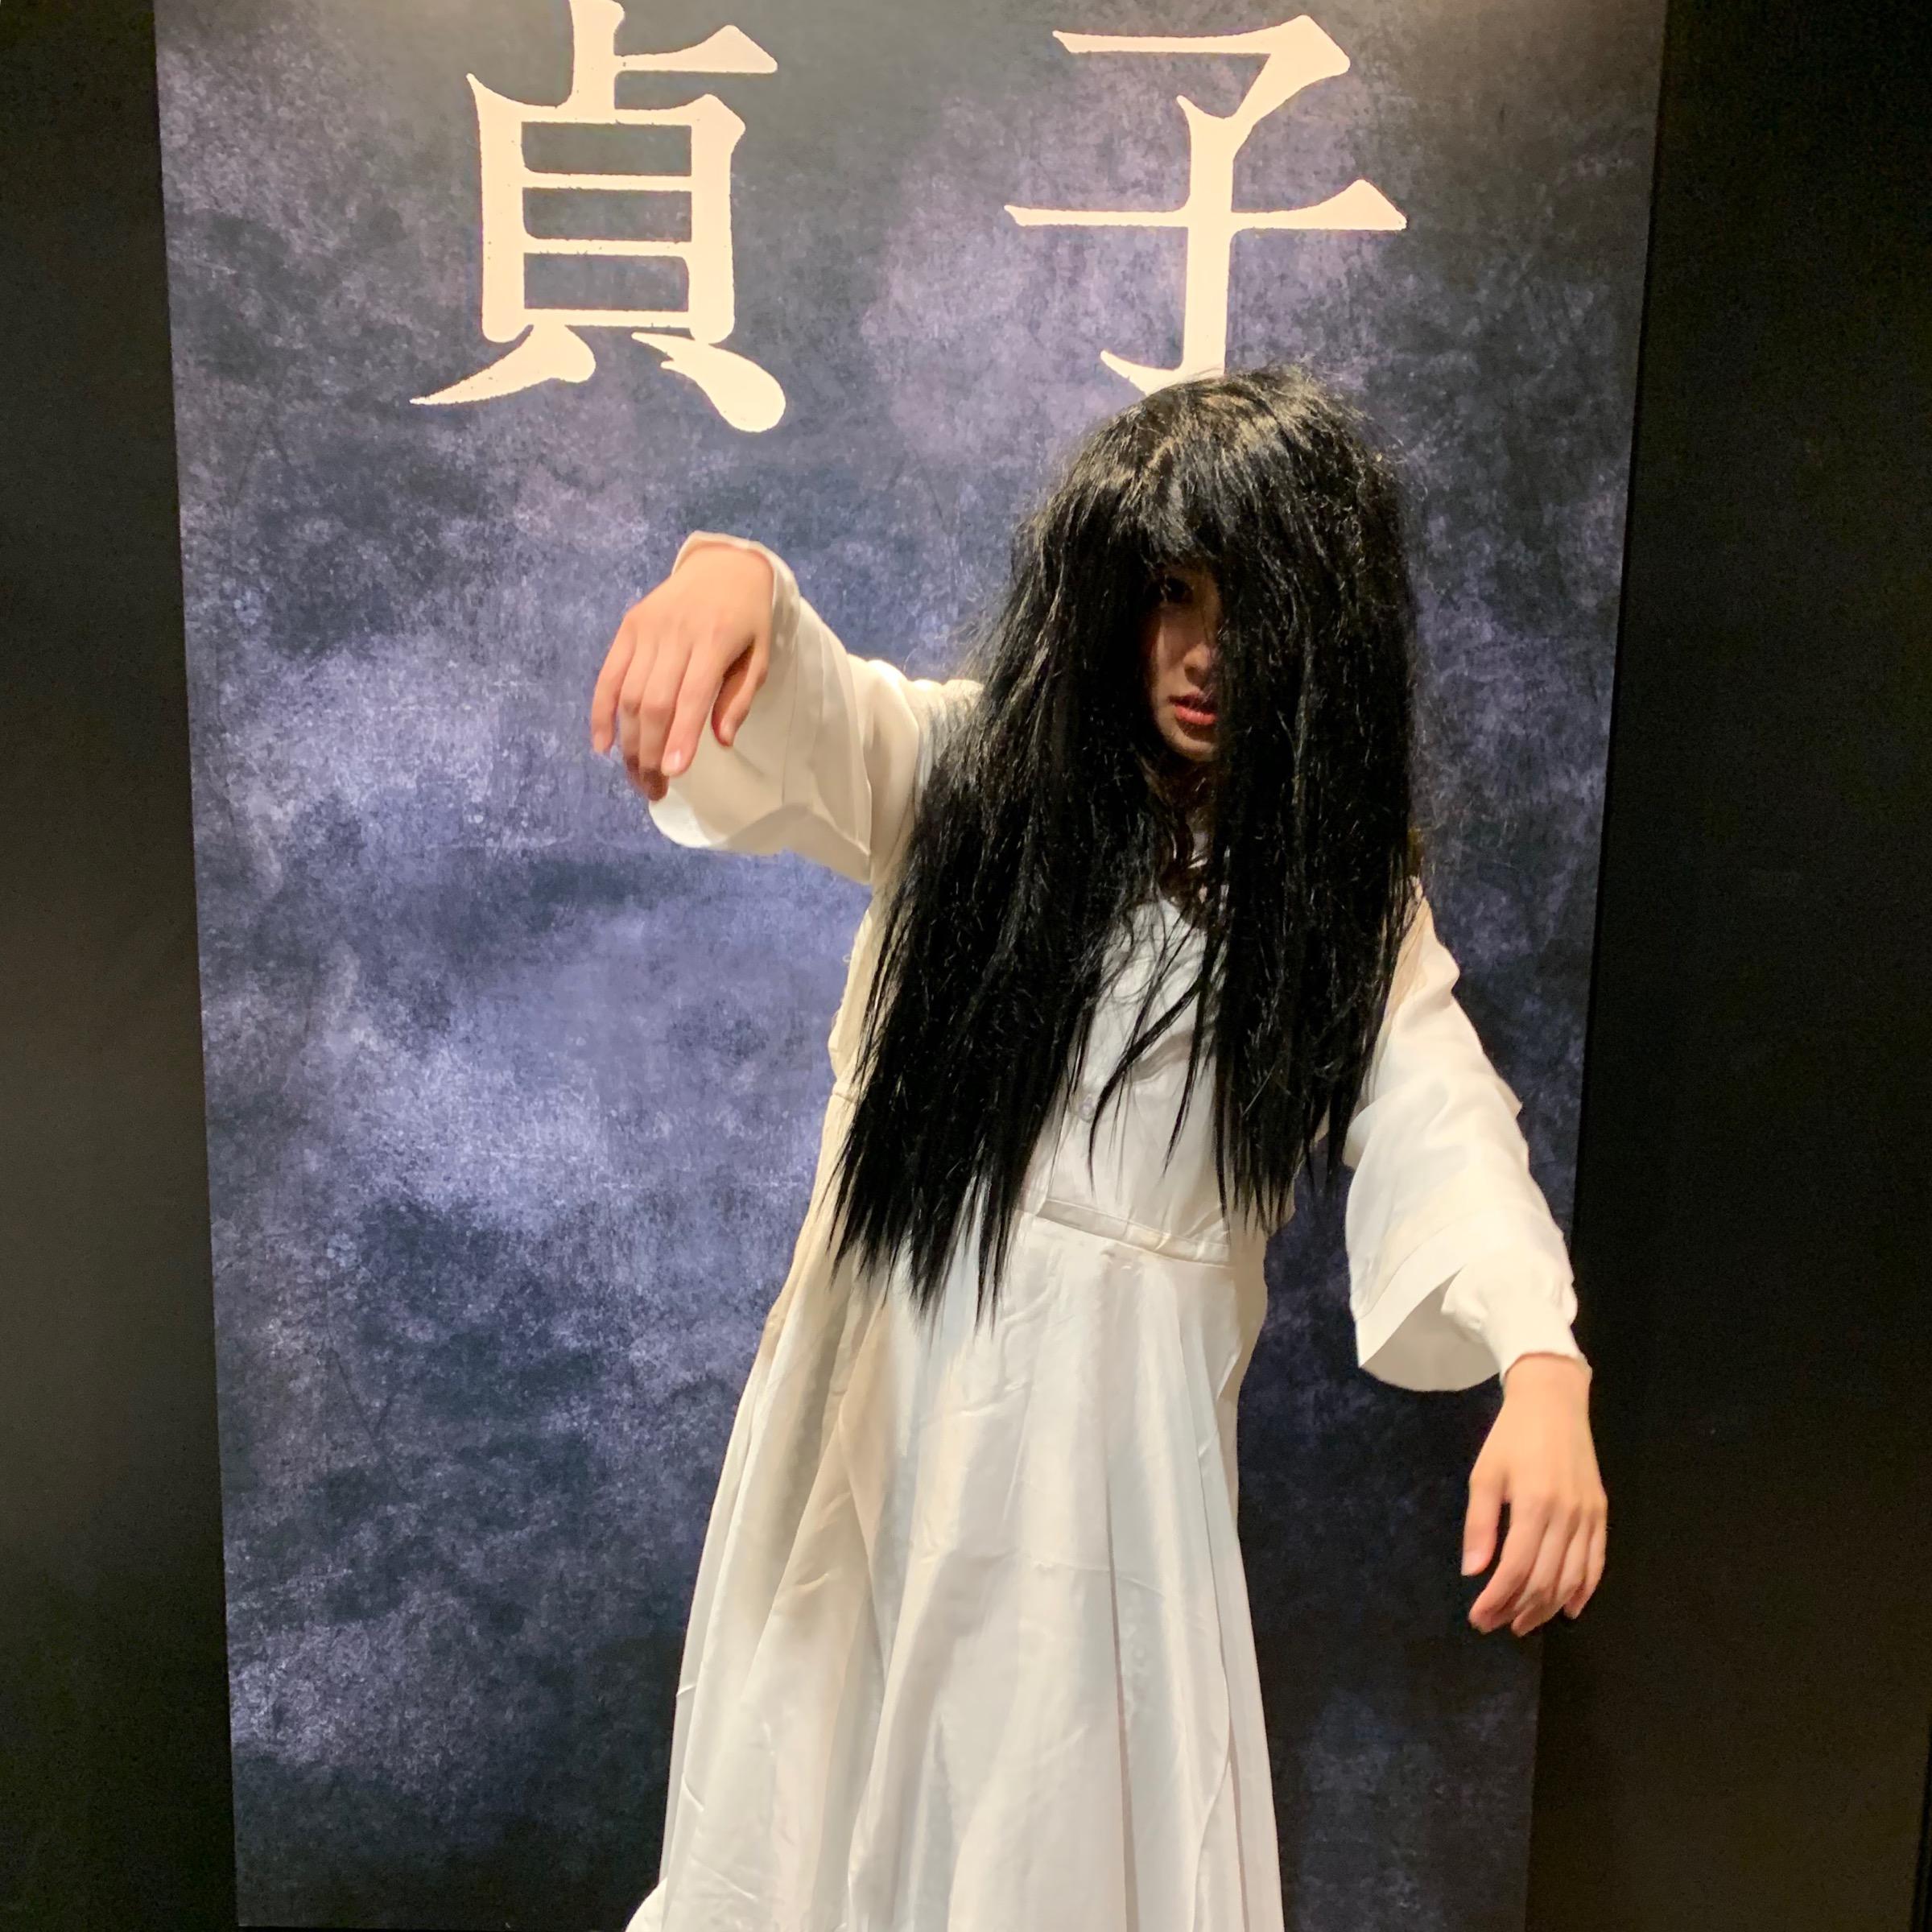 《思わずヒヤッ?!》なインスタ映え 貞子展で貞子体験してきた!_7